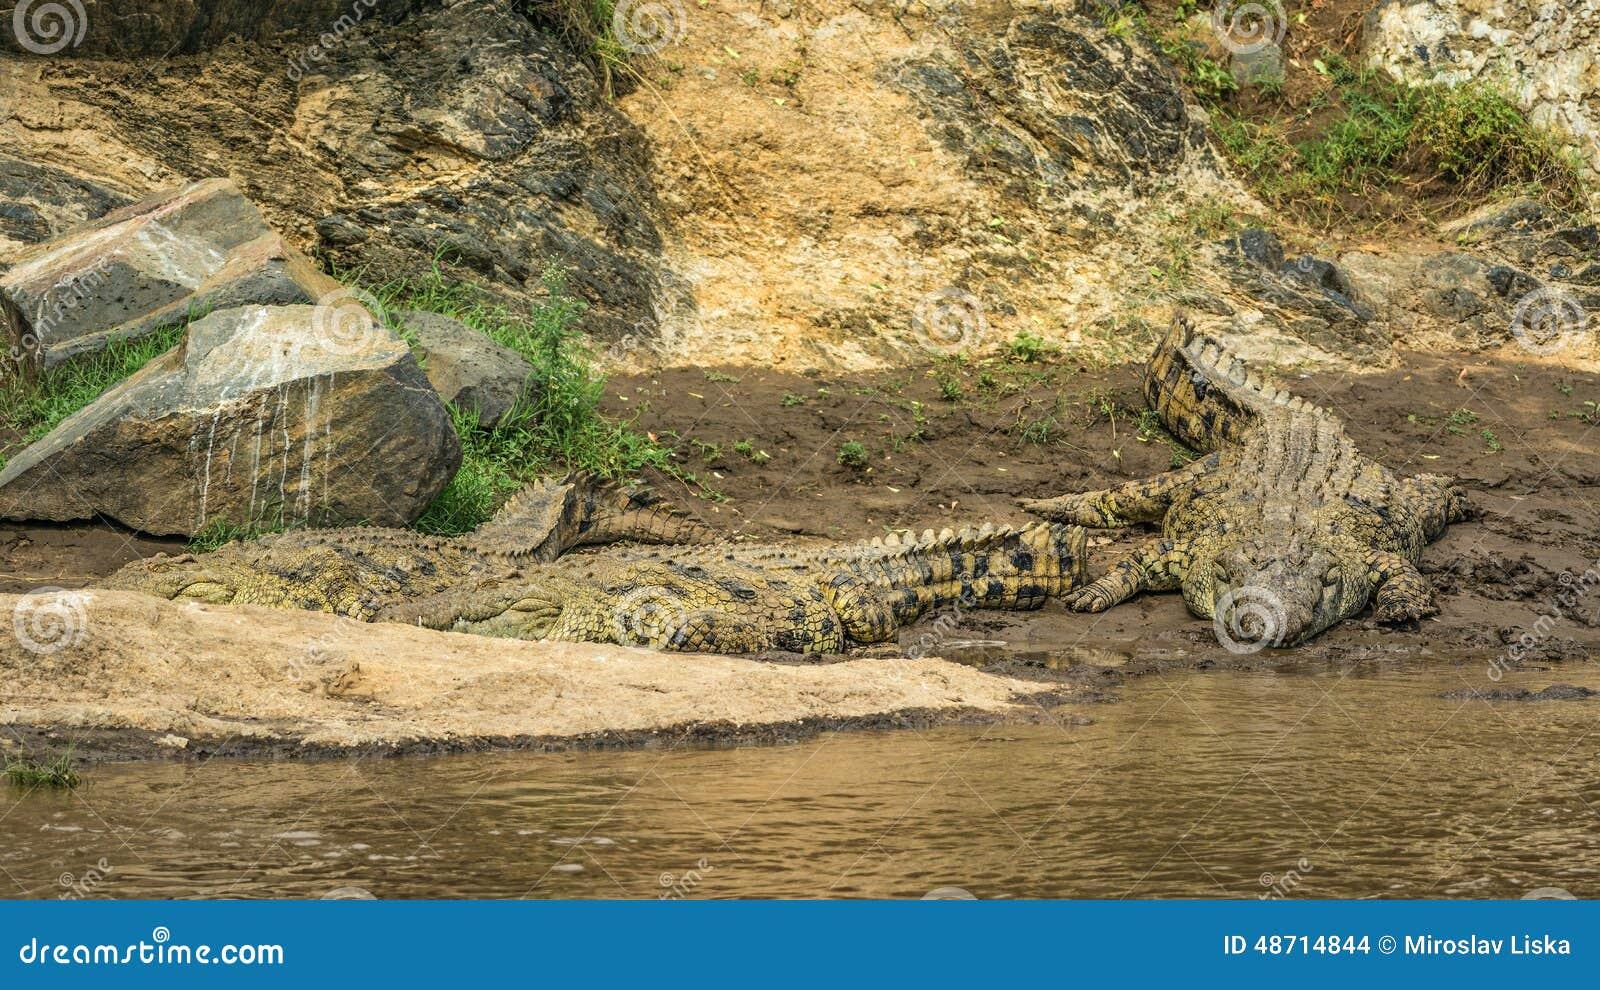 Tres cocodrilos del Nilo en los bancos del río de Mara, Kenia